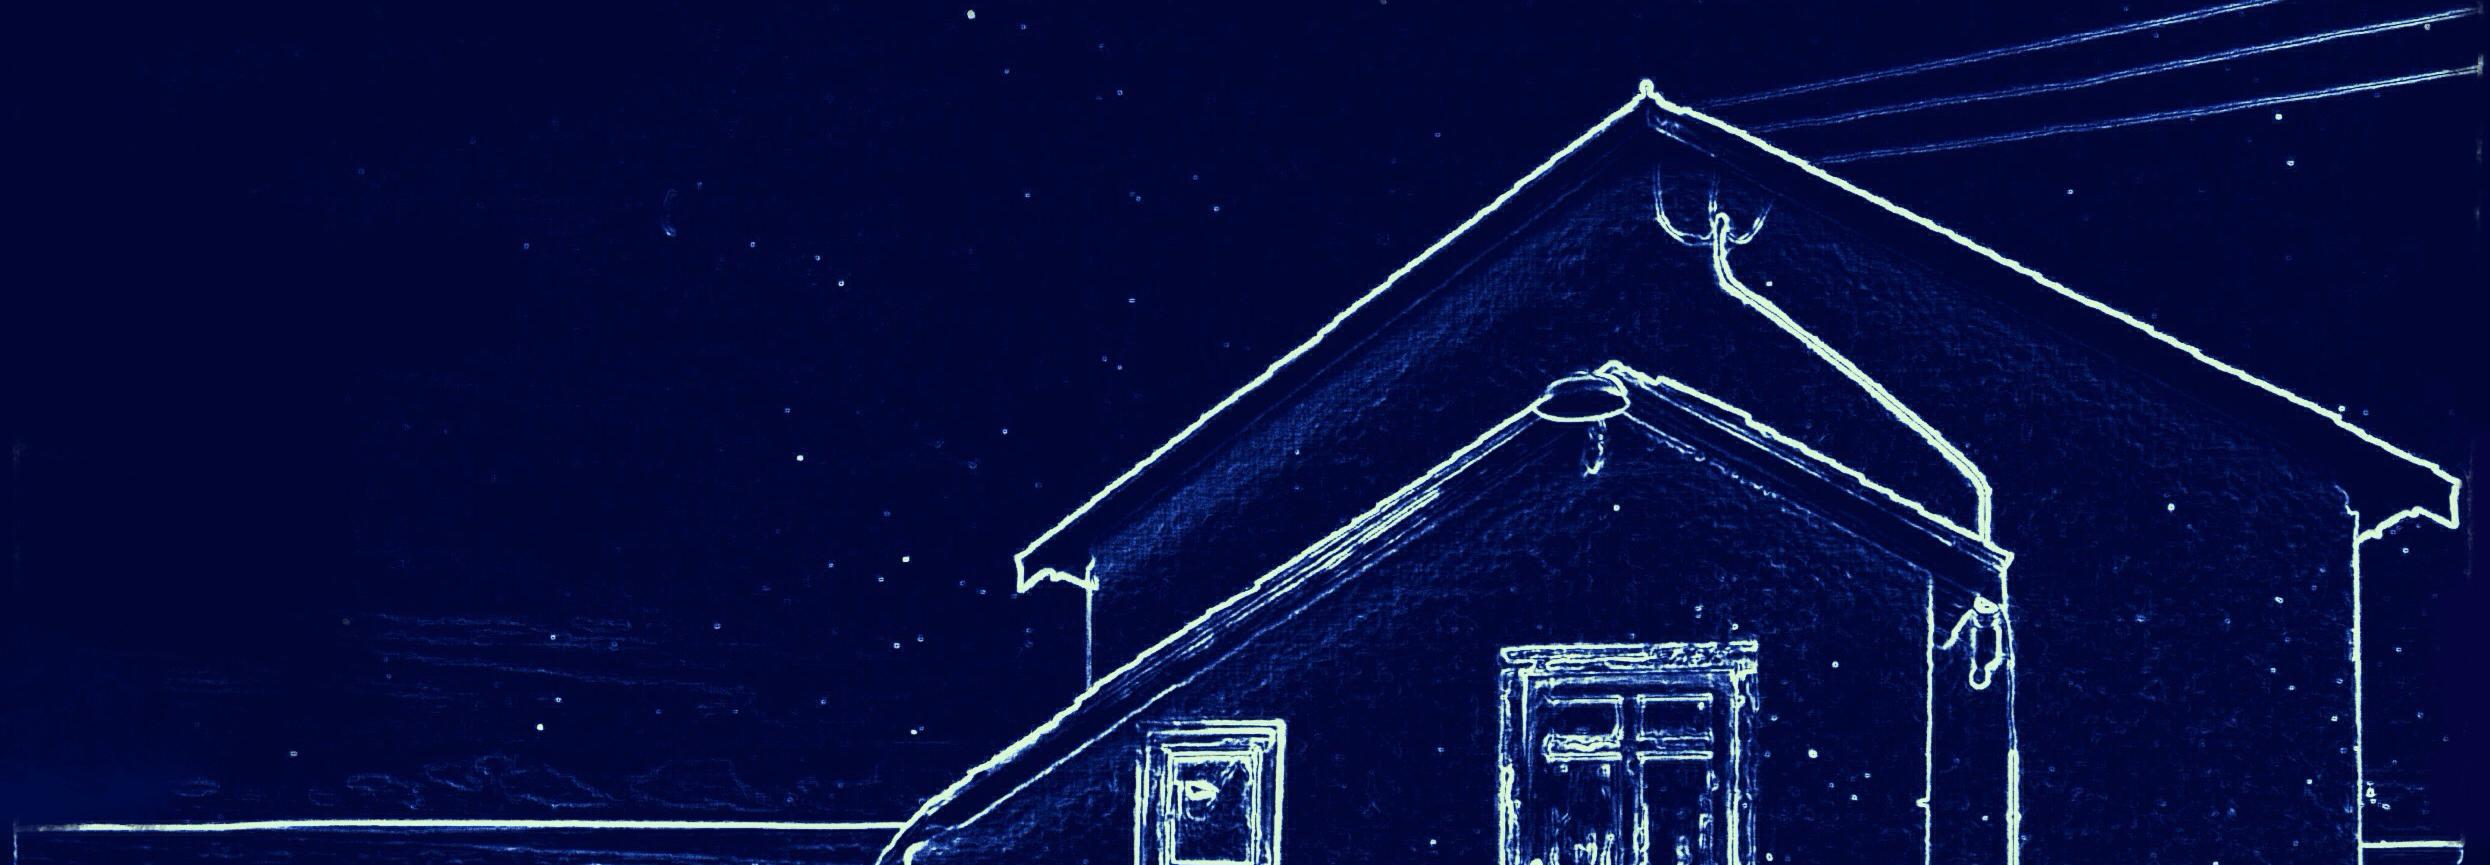 Dark Night House